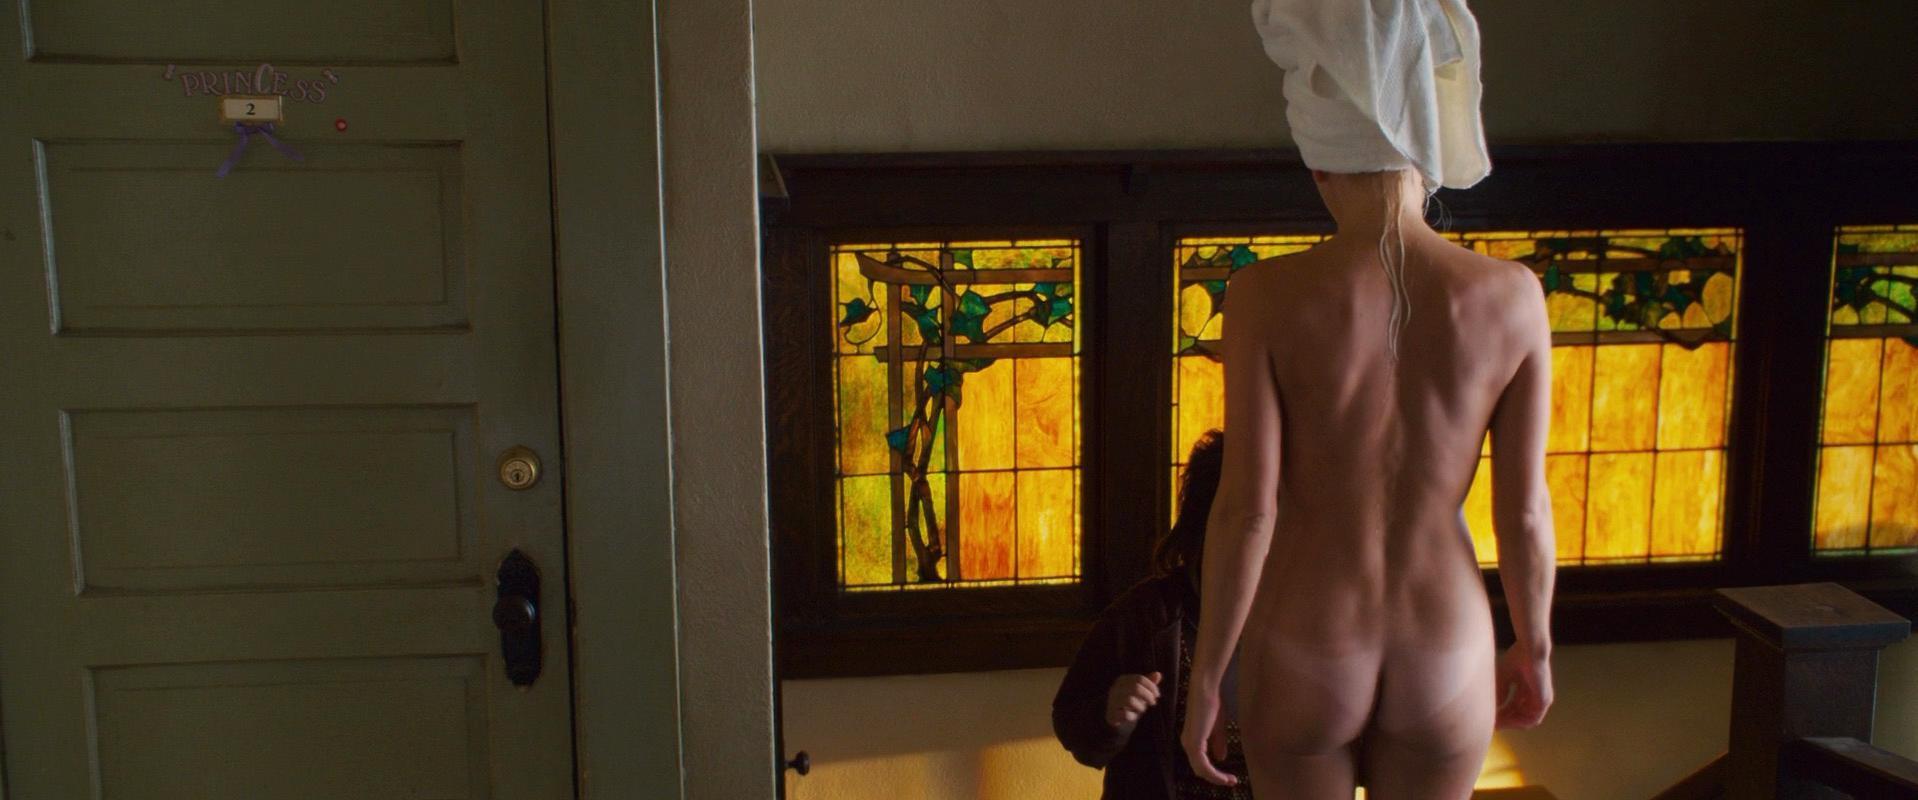 сильнее кино голые попы сестра мой жены